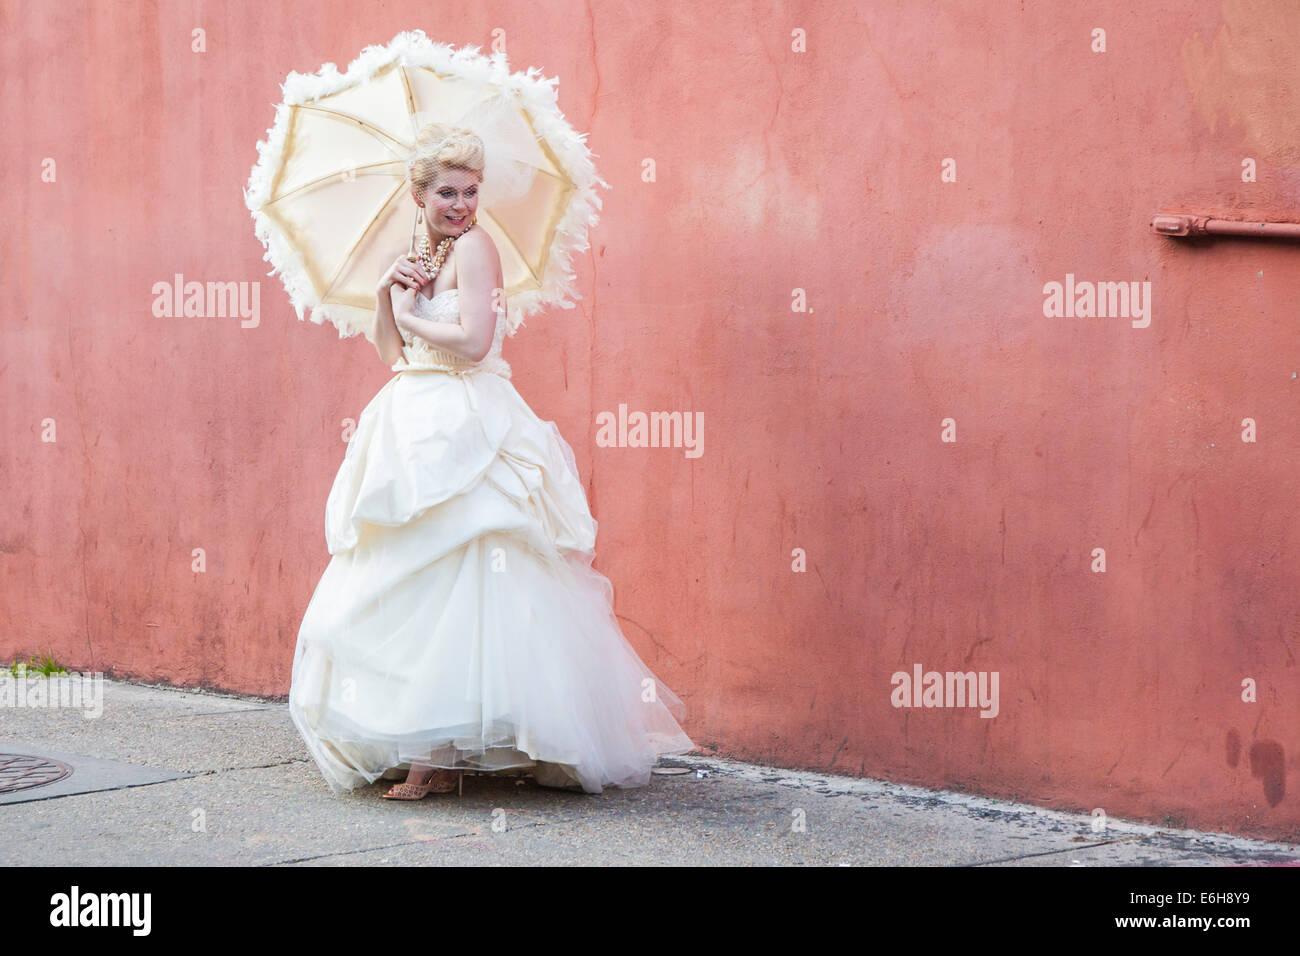 Wedding Umbrella Imágenes De Stock & Wedding Umbrella Fotos De Stock ...